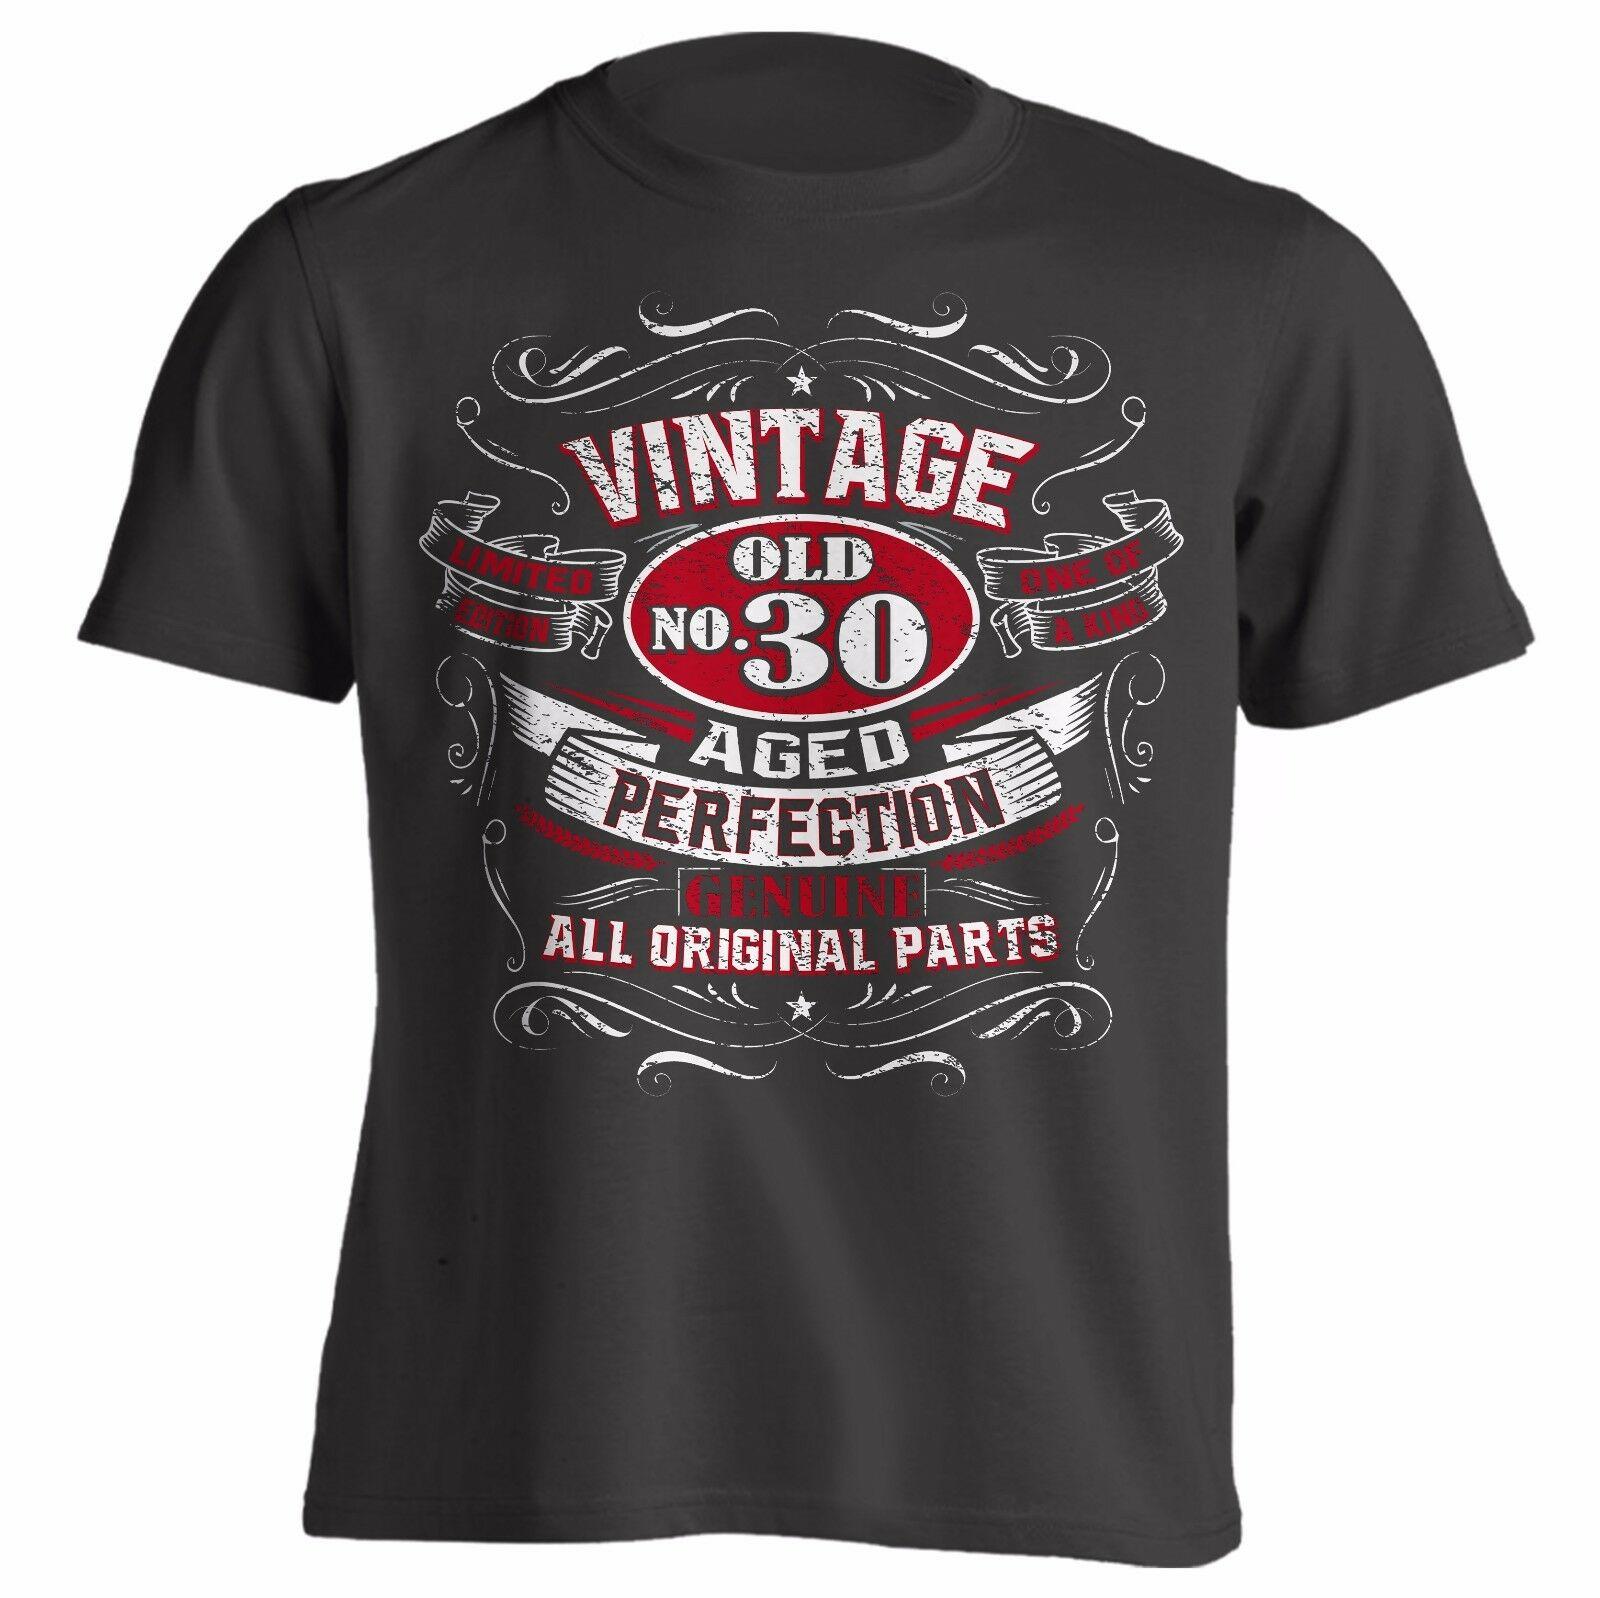 1969 1979 1989 vintage envelhecido perfeição presente de aniversário camisa ótima idéia presente para homens 30th 40th 50th 2019 moda unisex t